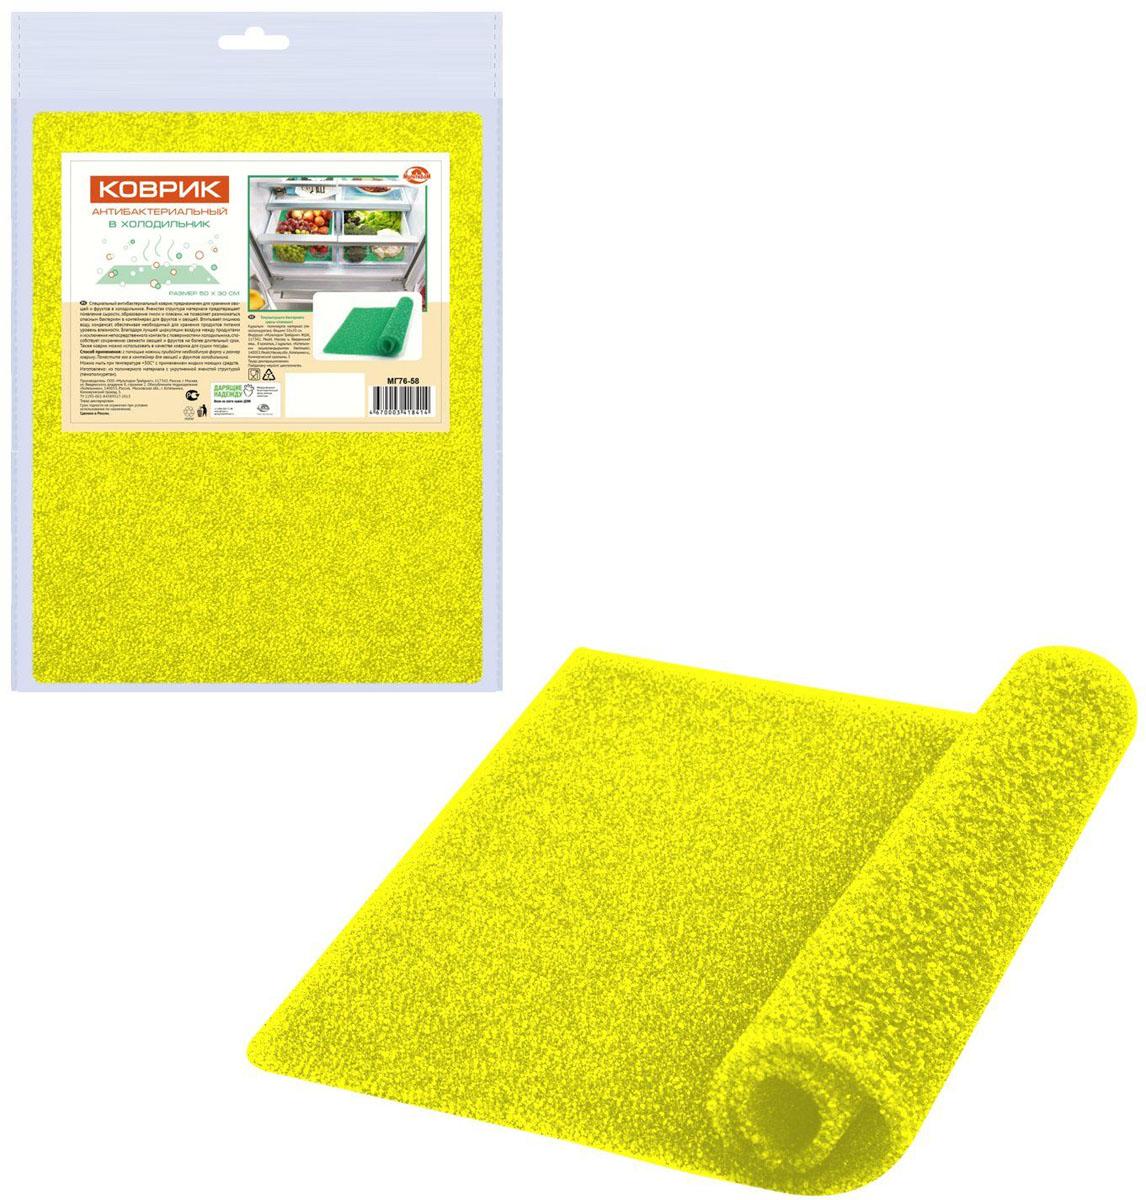 Коврик в холодильник Мультидом, цвет: желтый, 50 х 30 смМГ76-58Специальный антибактериальный коврик Мультидом предназначен для храненияовощей и фруктов в холодильнике. Изготовлен из полимерного материала сукрупненной ячеистой структурой (пенополиуретан).Ячеистая структура материала предотвращает появление сырости, образованиегнили и плесени, не позволяет размножаться опасным бактериям в контейнерахдля фруктов и овощей. Впитывает лишнюю воду, конденсат, обеспечиваянеобходимый для хранения продуктов питания уровень влажности. Благодарялучшей циркуляции воздуха между продуктами и исключения непосредственногоконтакта с поверхностями холодильника, способствует сохранению свежестиовощей и фруктов на более длительный срок. Также коврик можно использовать вкачестве коврика для сушки посуды.Можно мыть при температуре +30°С с применением жидких моющих средств.